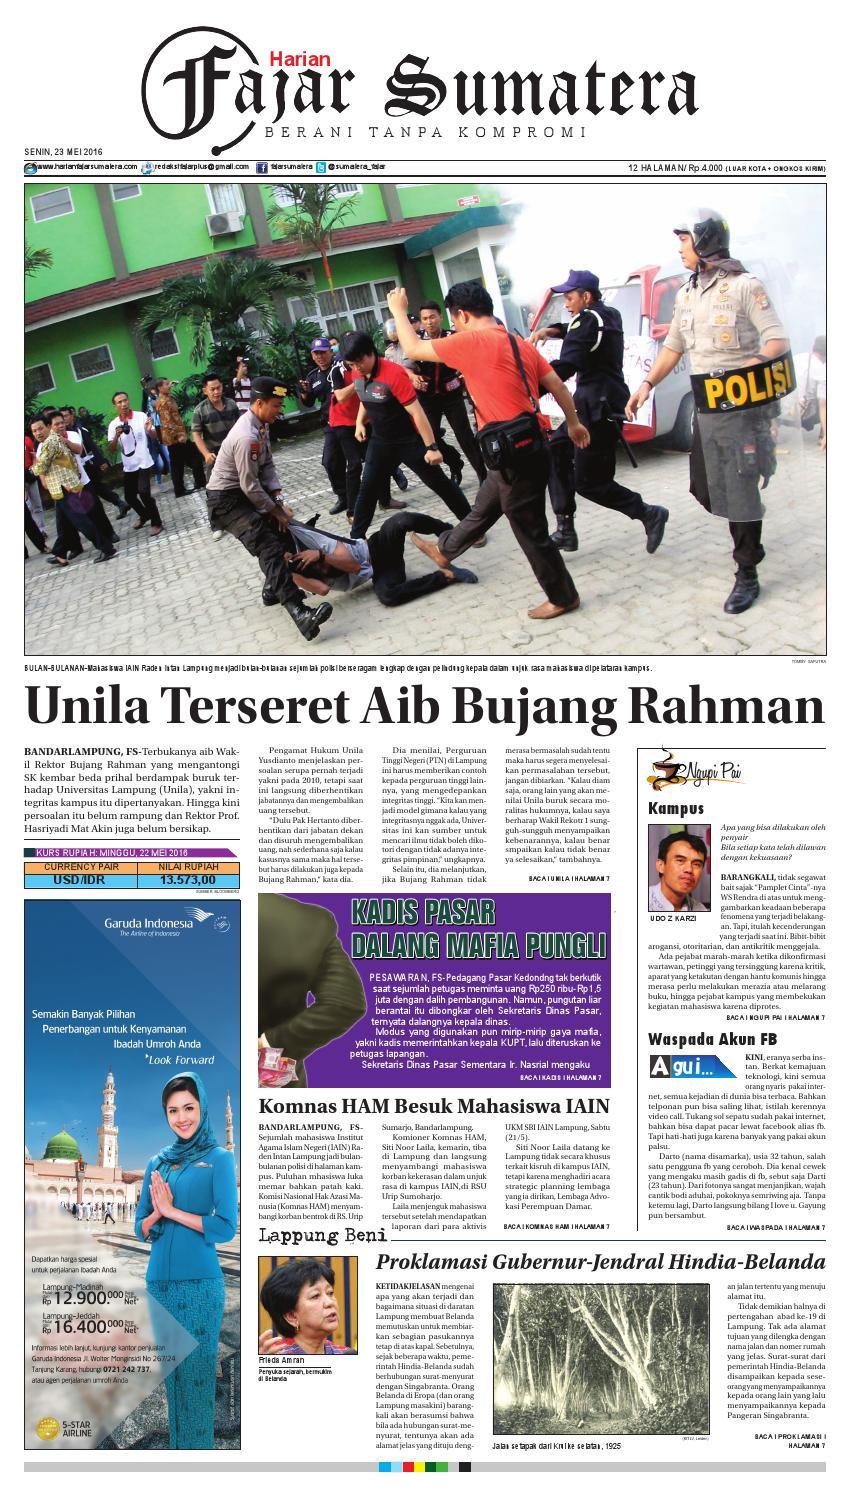 Fajar Sumatera L Senin 23 Mei 2016 By Issuu Produk Ukm Bumn Tekiro Tang Buaya 10